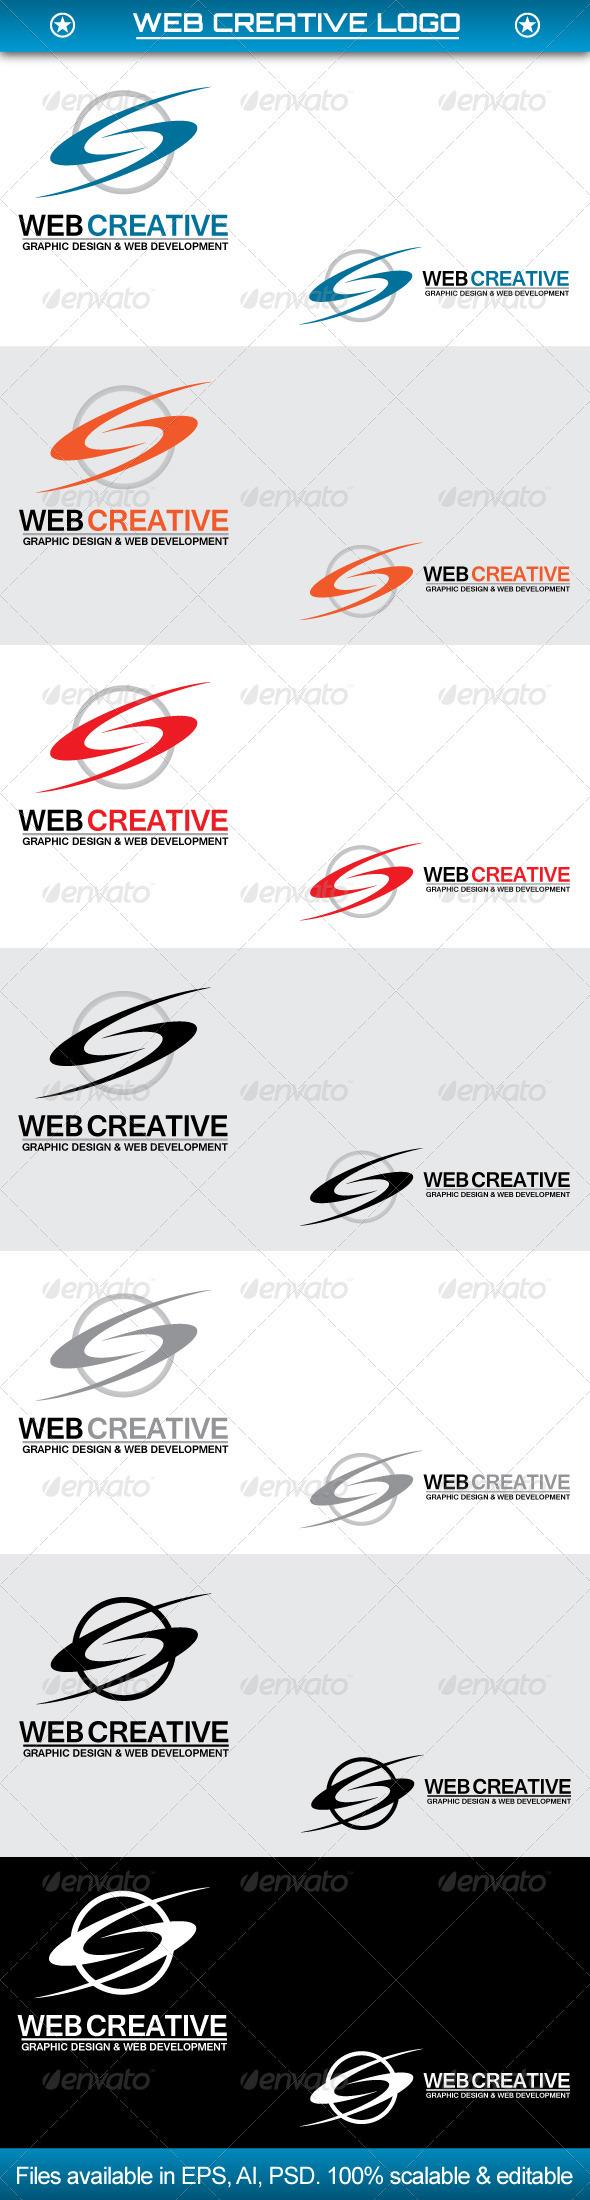 GraphicRiver Web Creative 3968033